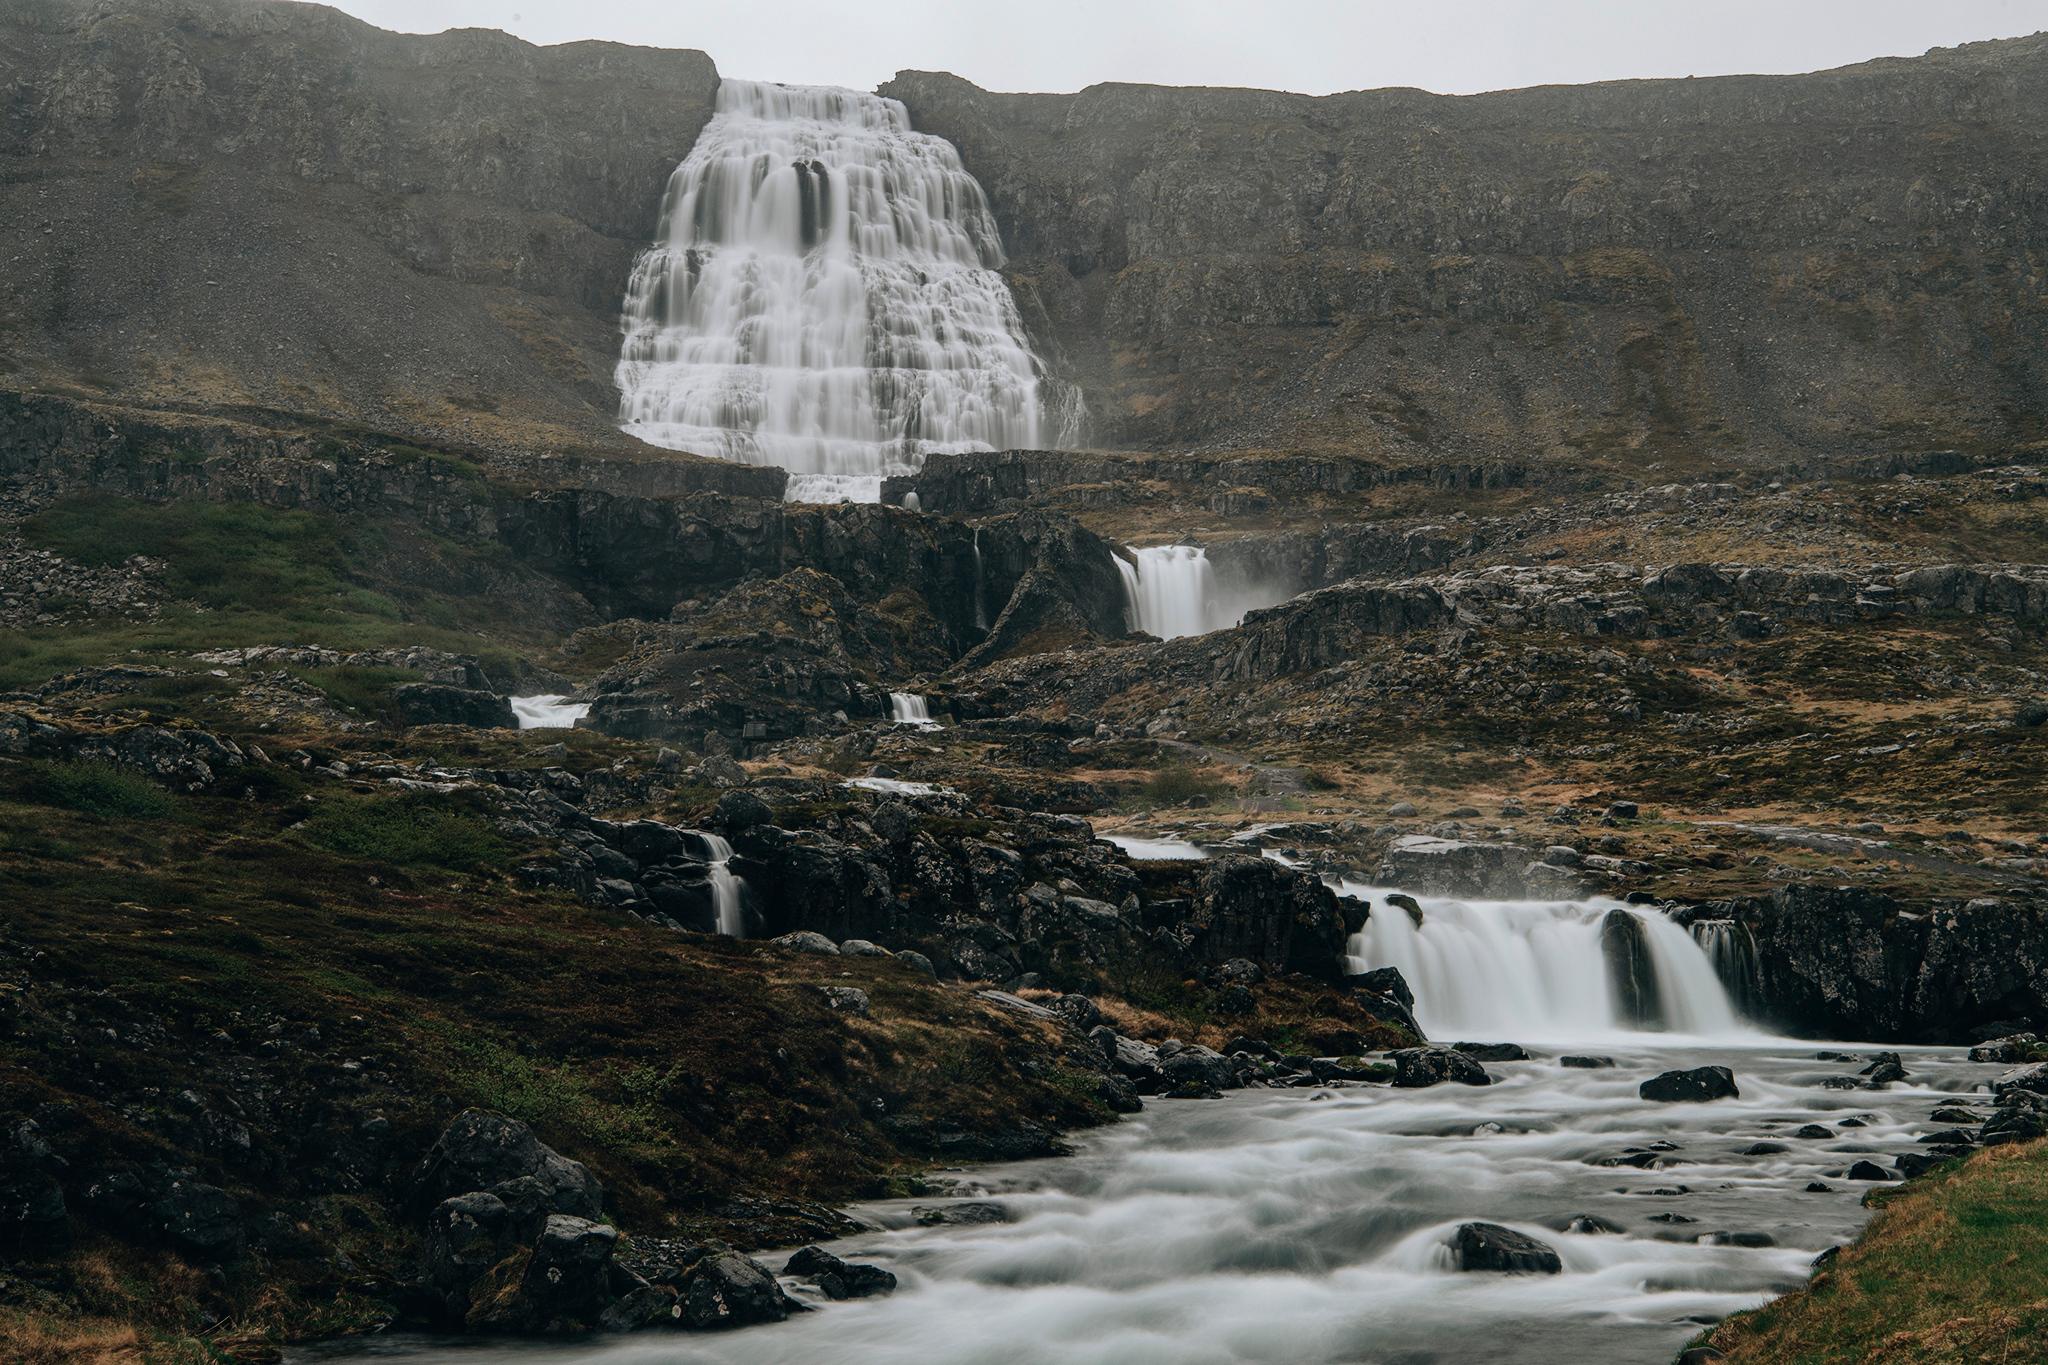 冰島攻略, 冰島婚紗, Donfer, Iceland Pre-Wedding, Dynjandi, 丁堅地瀑布